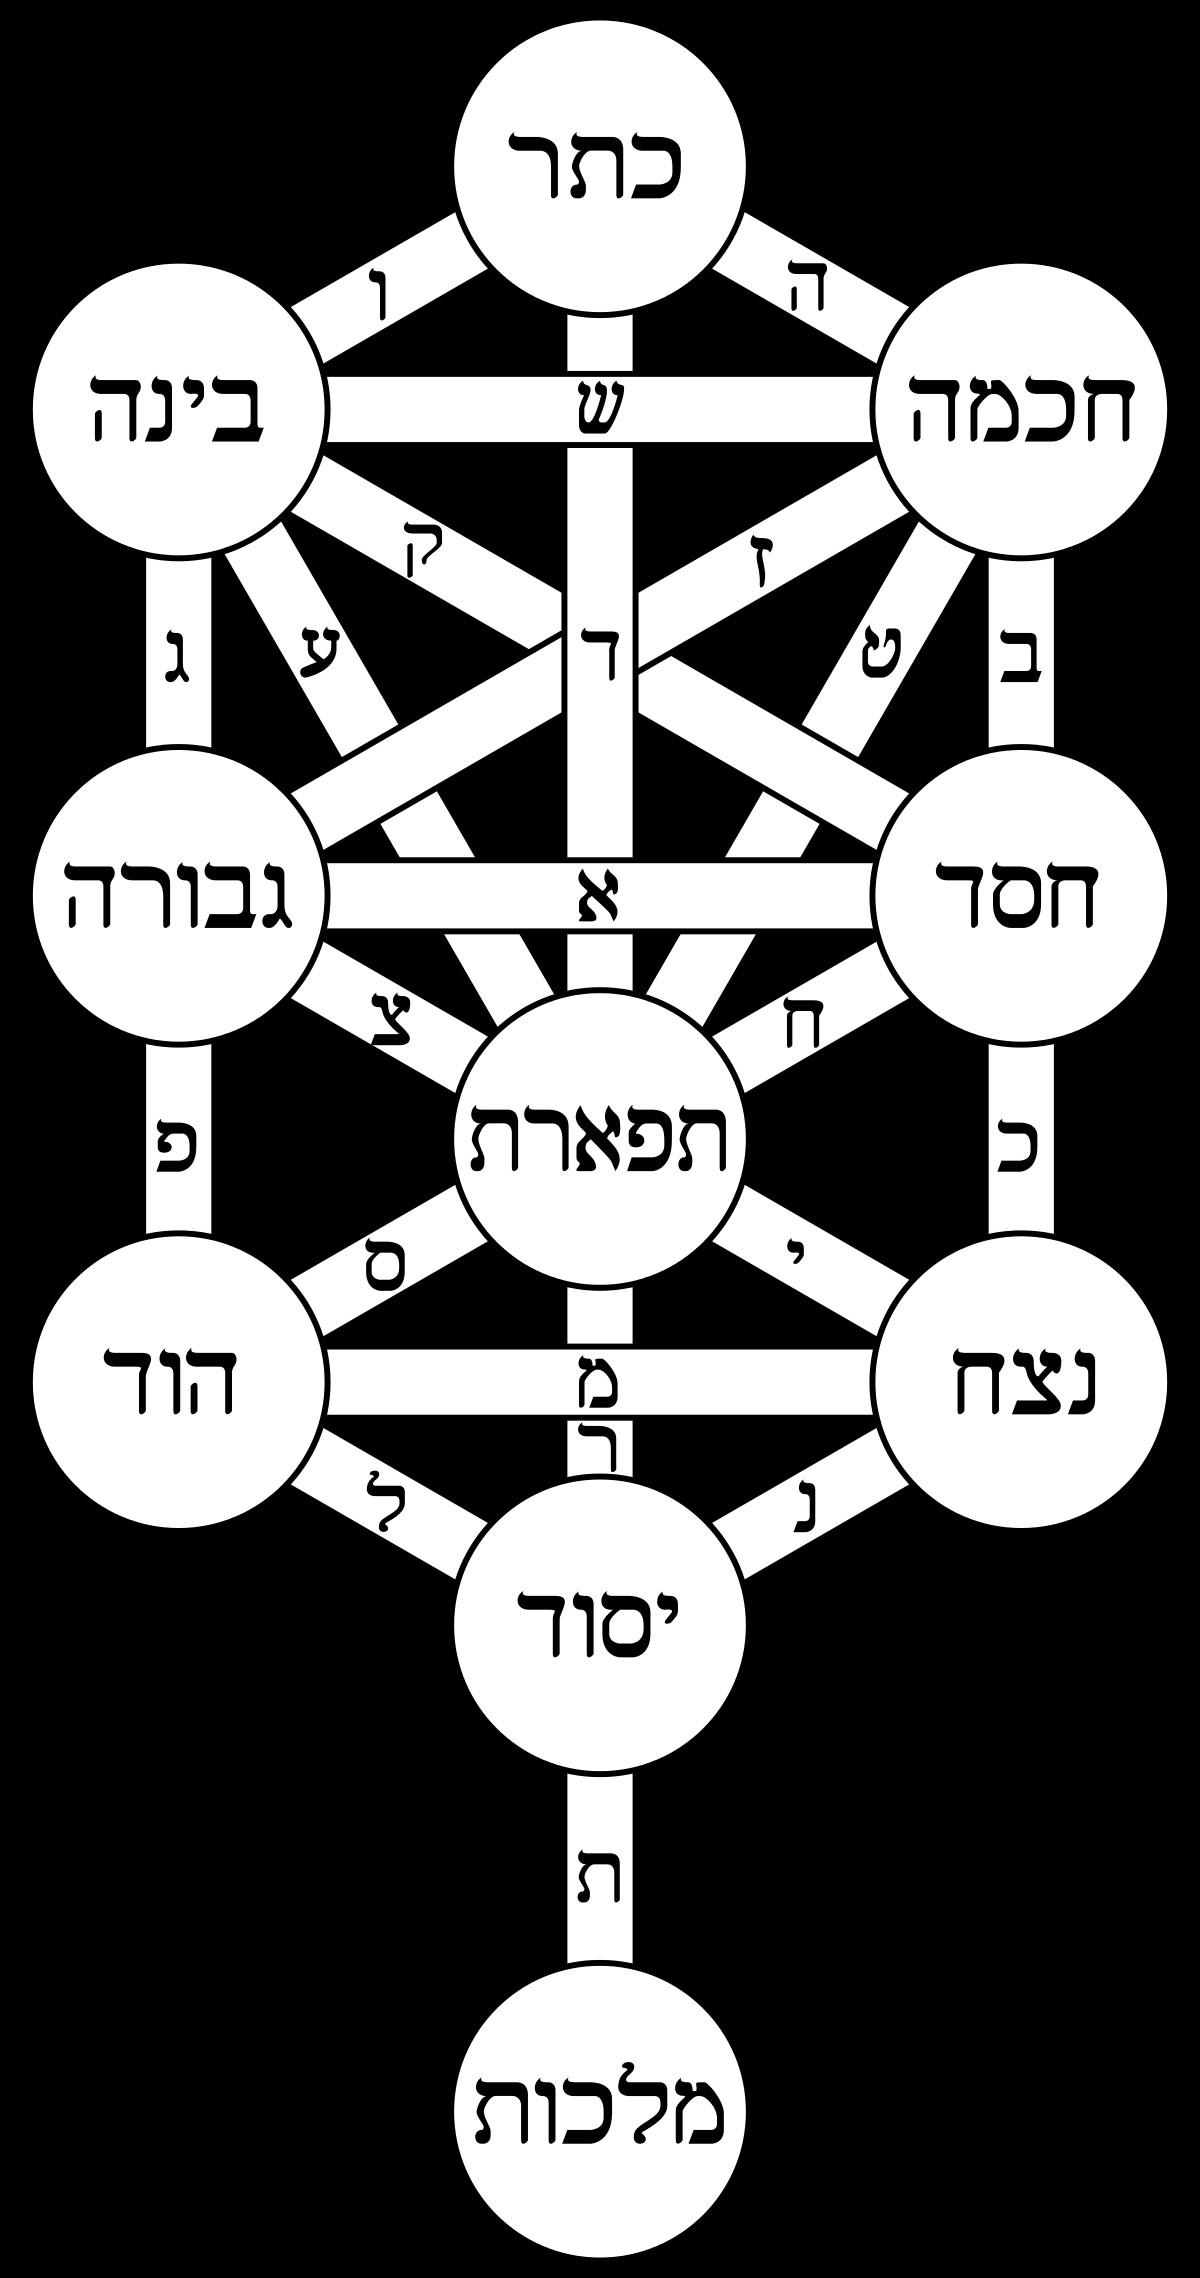 Tree of Life Analysis